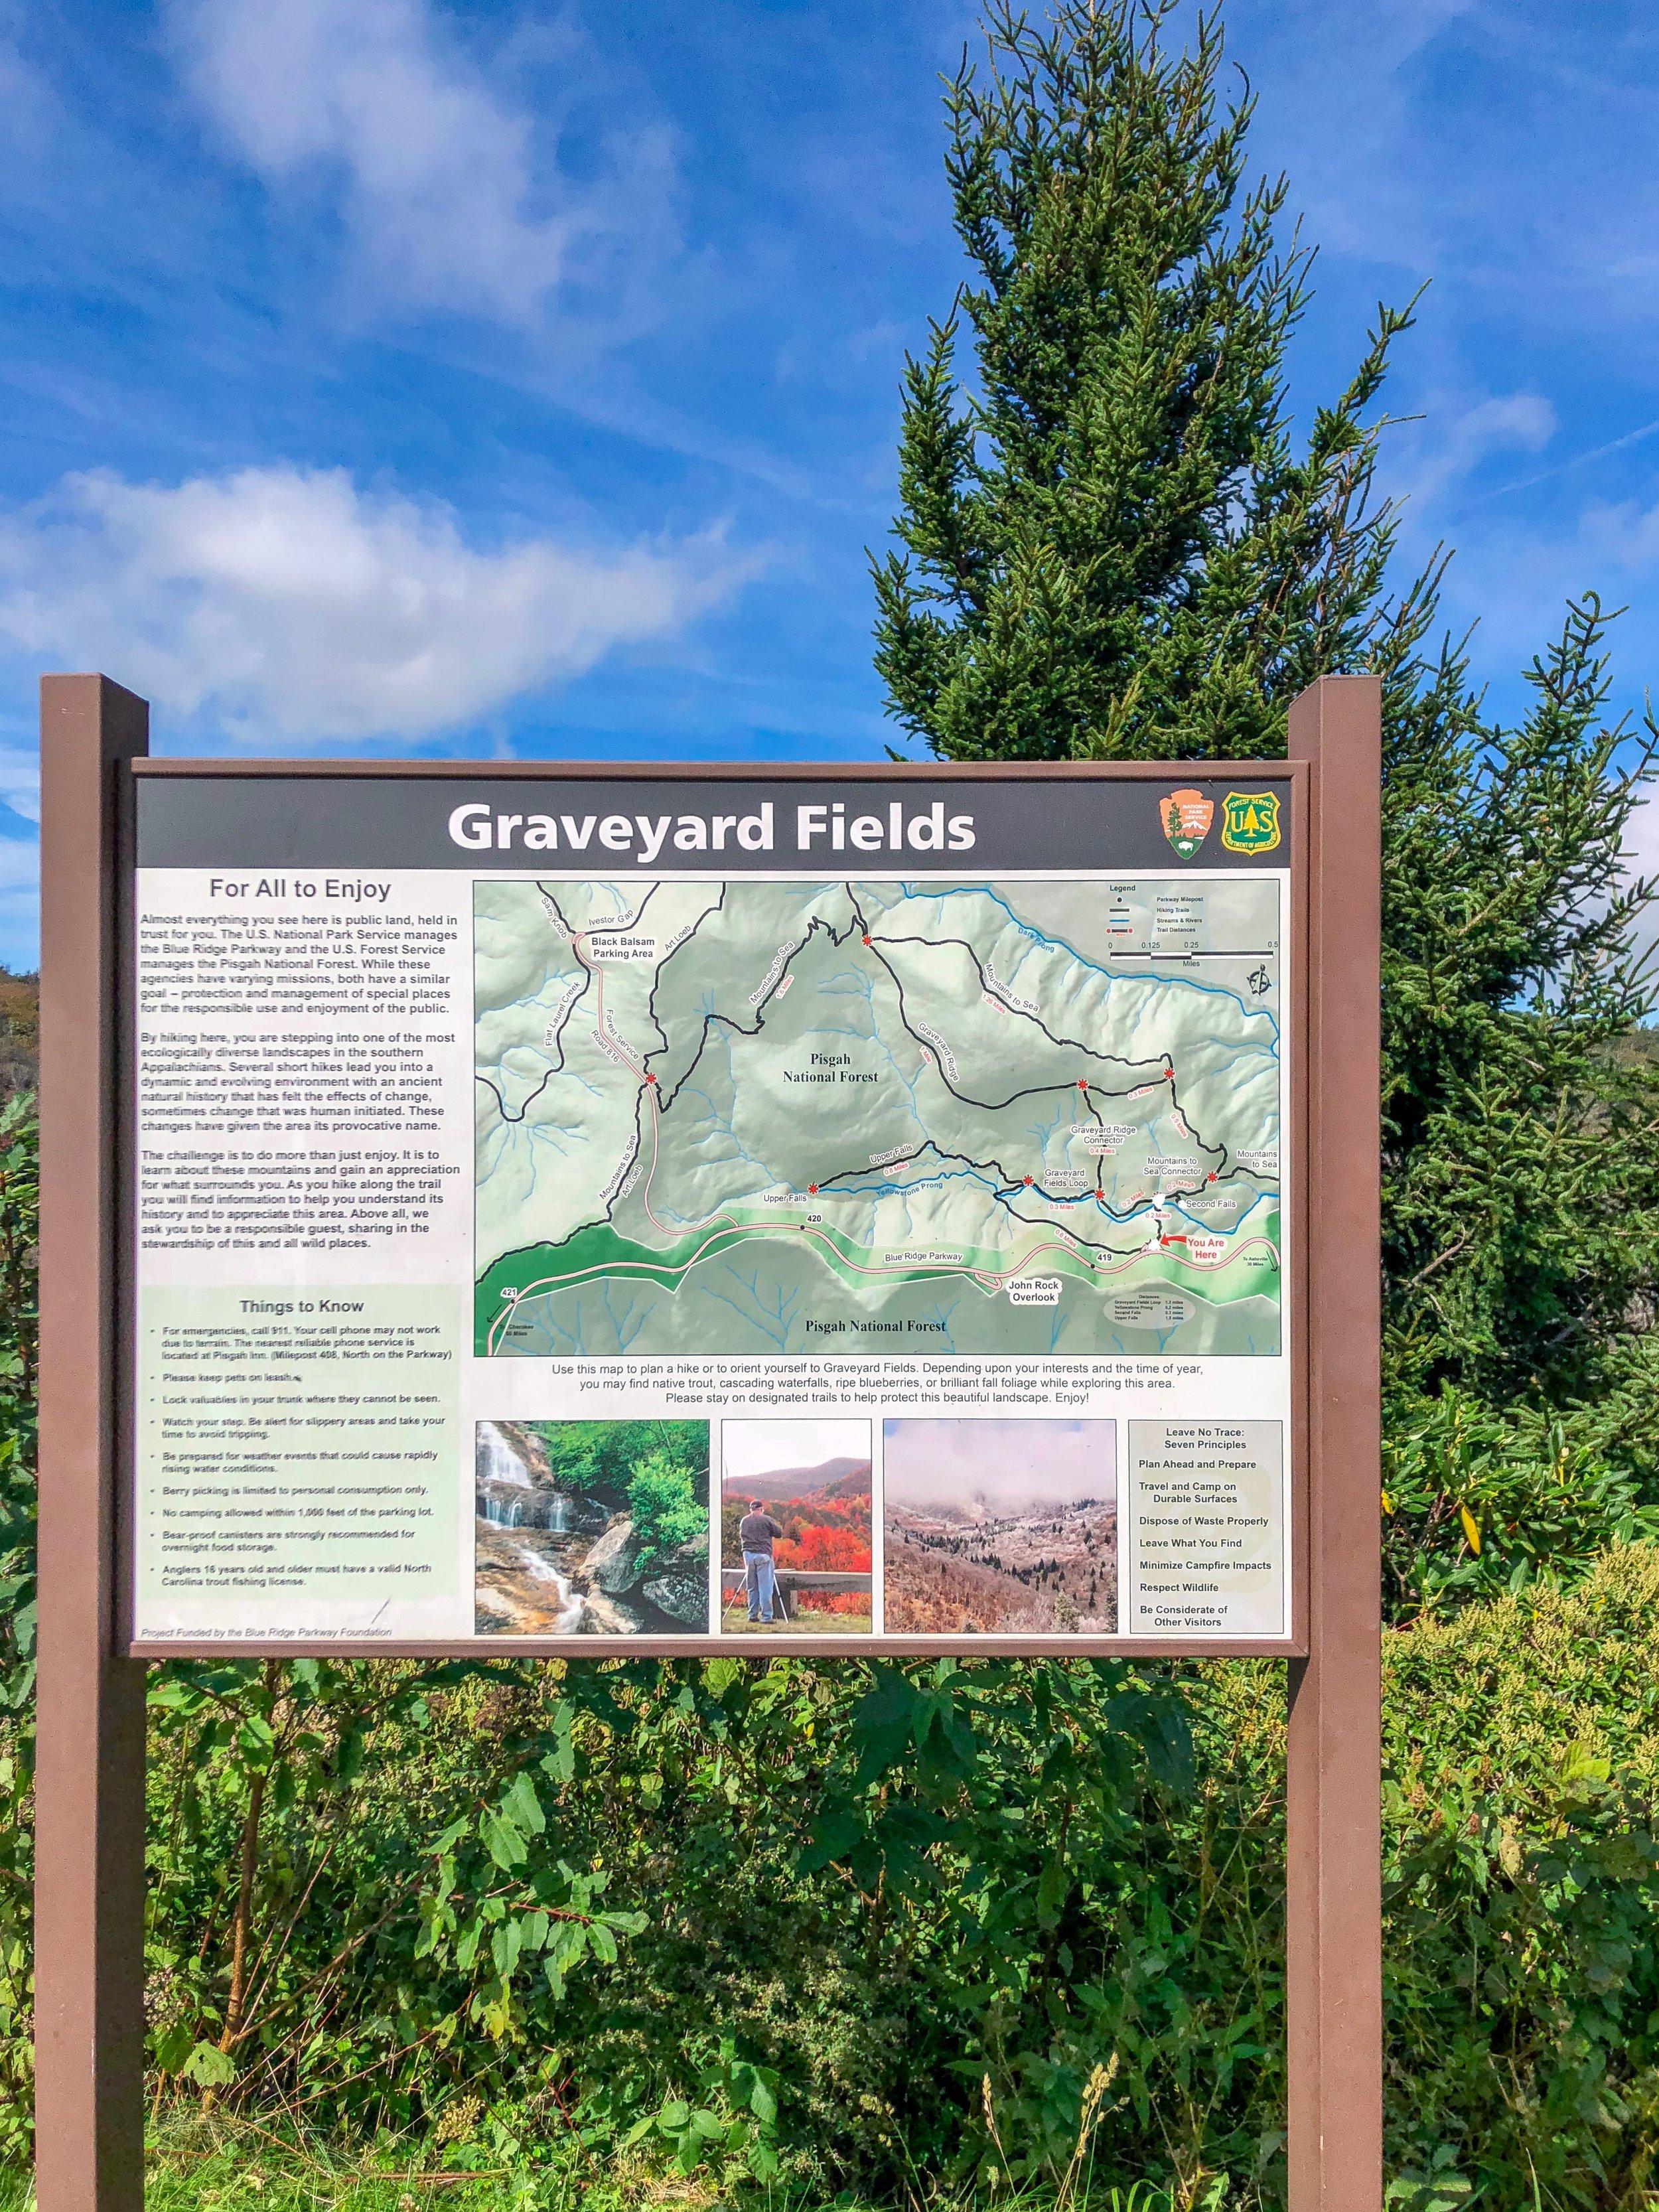 Graveyard Fields Trail Head Map